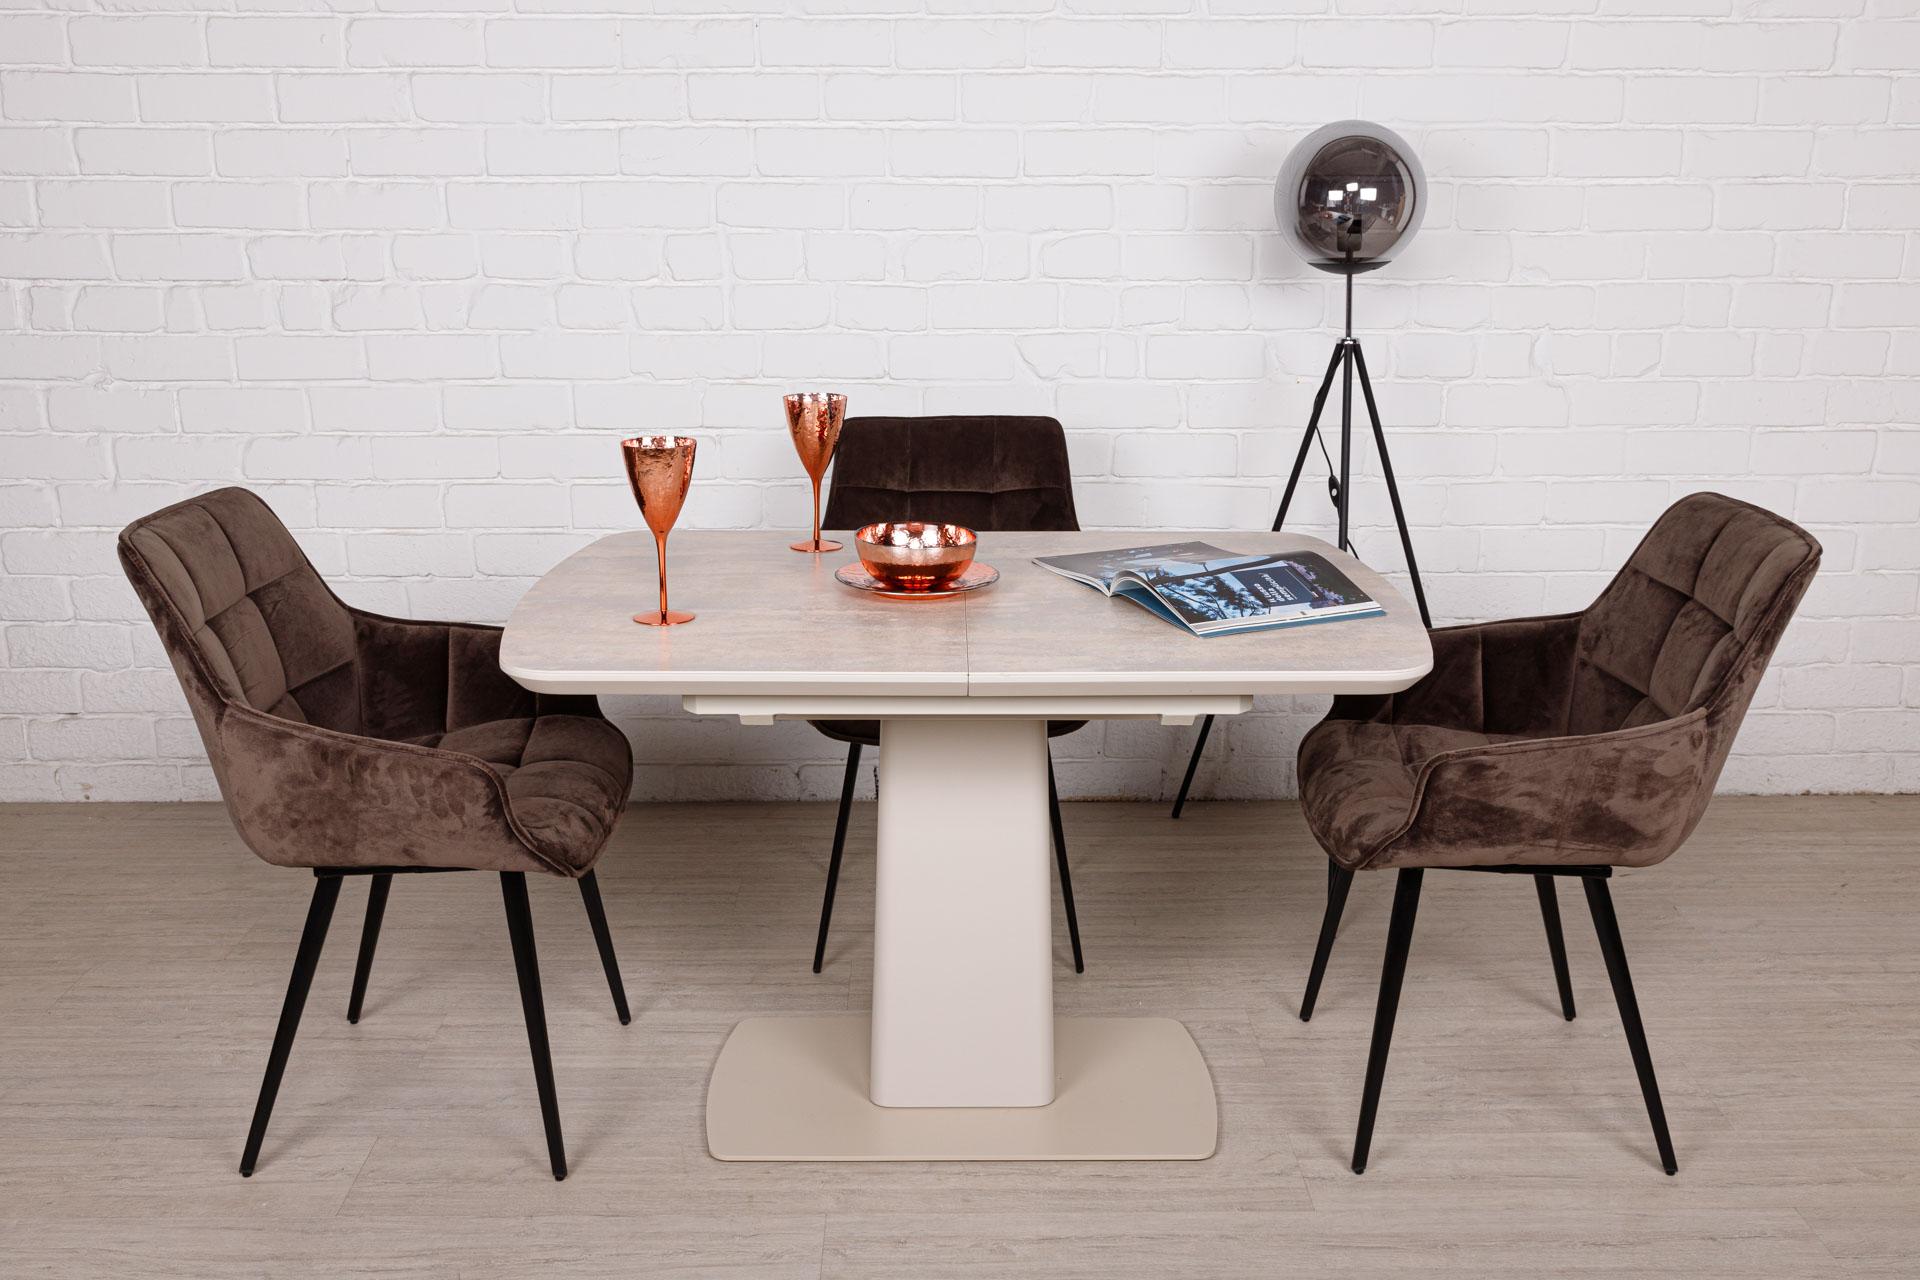 Стол Nicolas Maryland HT81002 (120/160*80) бежевая керамика